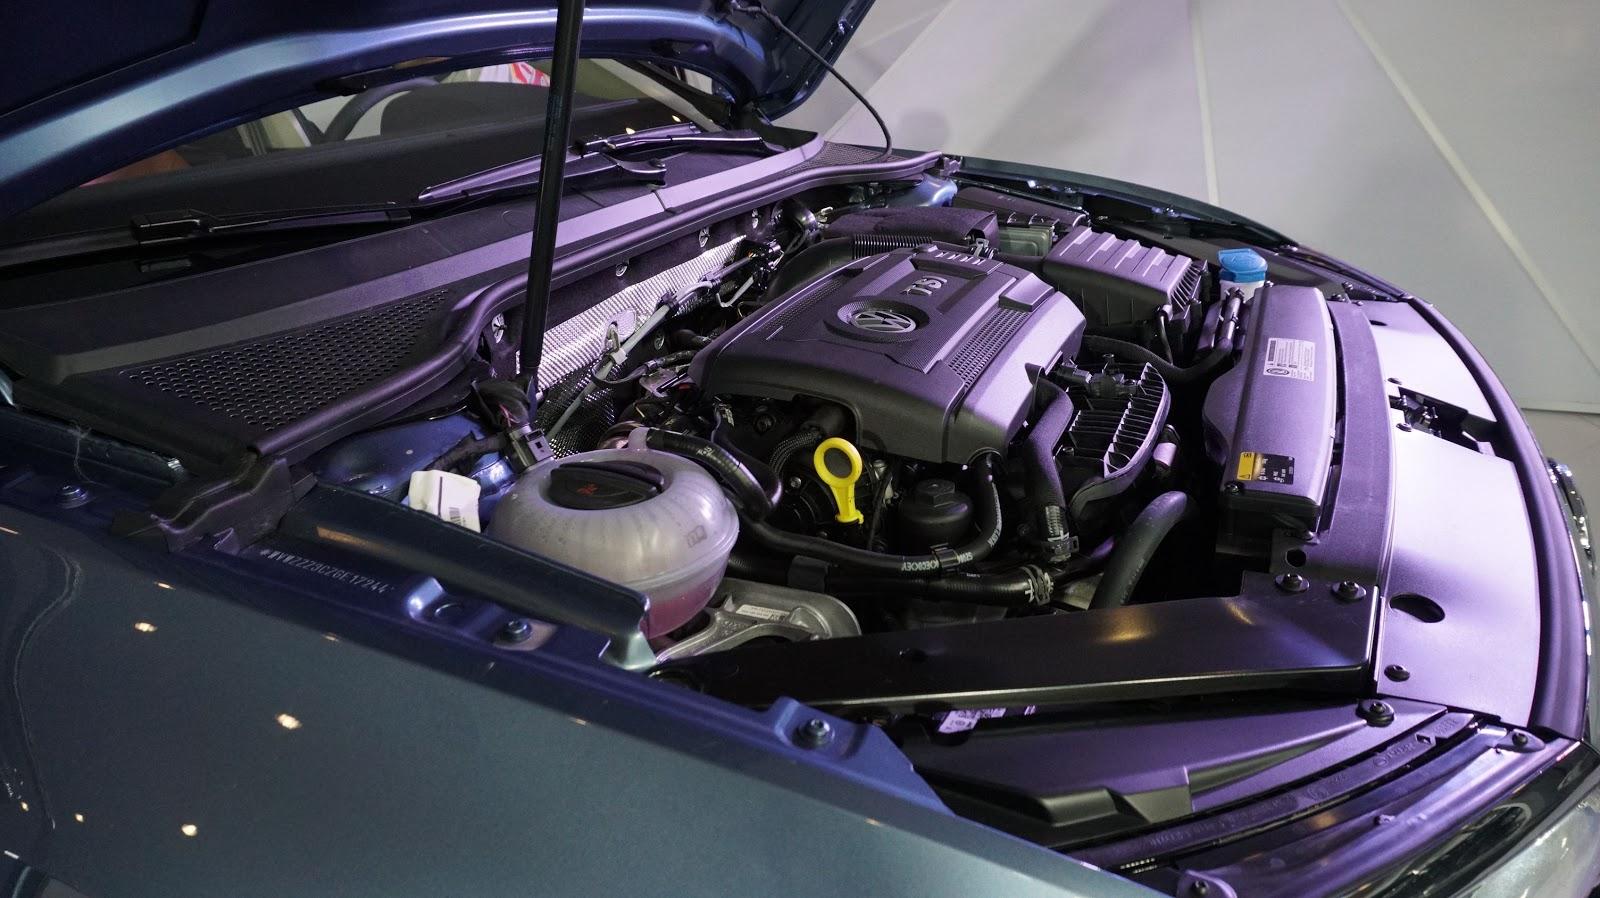 Phiên bản thấp nhất sẽ sử dụng động cơ V4 1,8 lít, cao nhất sẽ là V6 3,6 lít